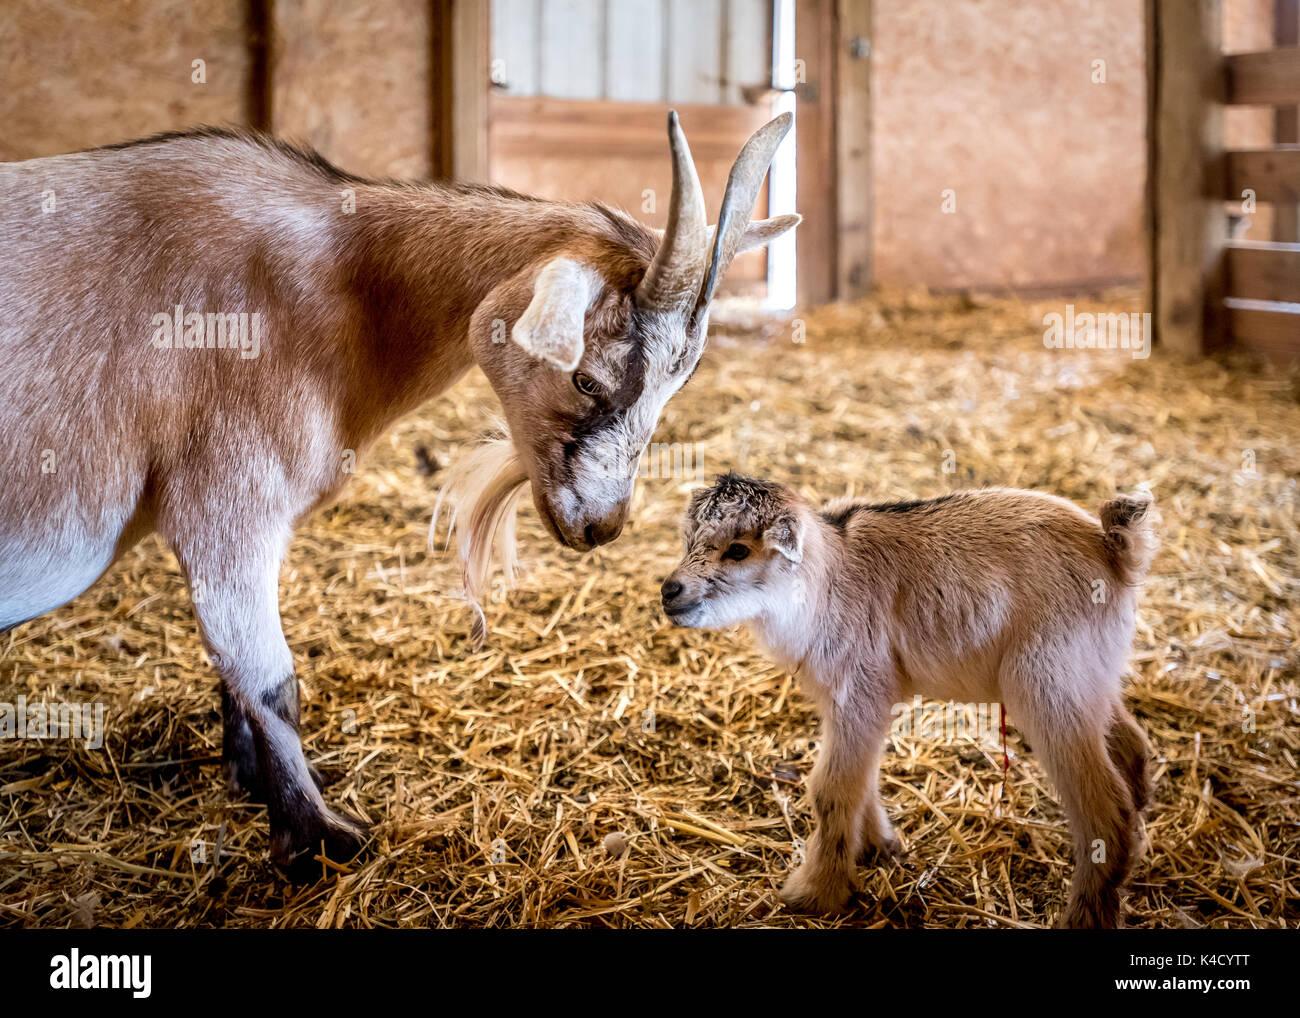 Lo sguardo di amore di madre capra al neonato capra, cordone ombelicale ancora visibile, facendo i primi passi in un fienile in Oregon di Willamette Valley. Immagini Stock